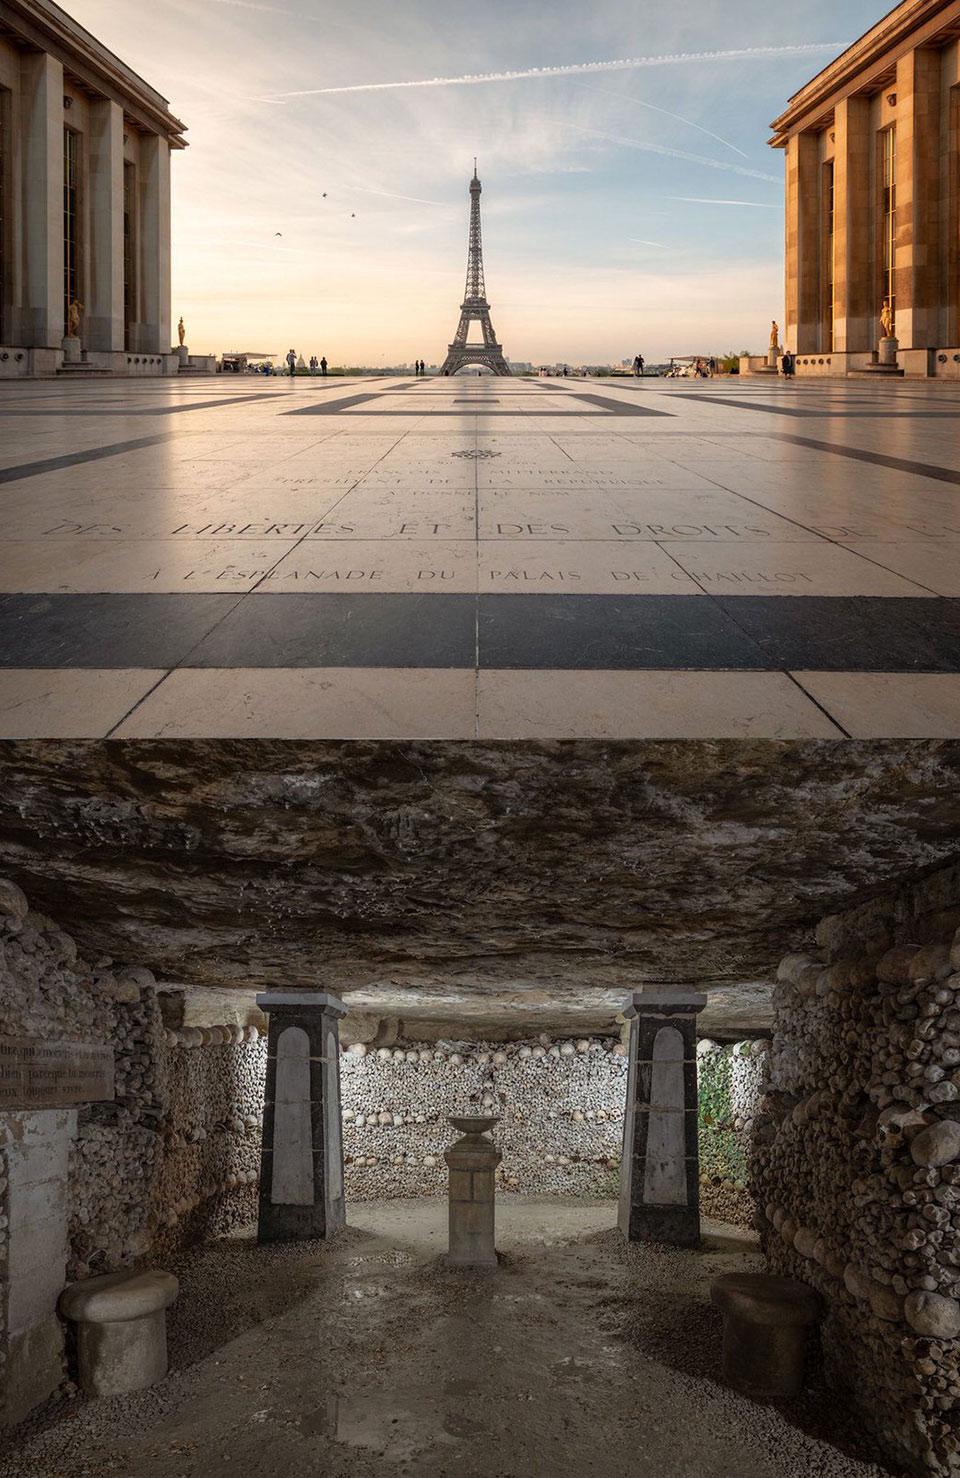 Below Eiffel Tower